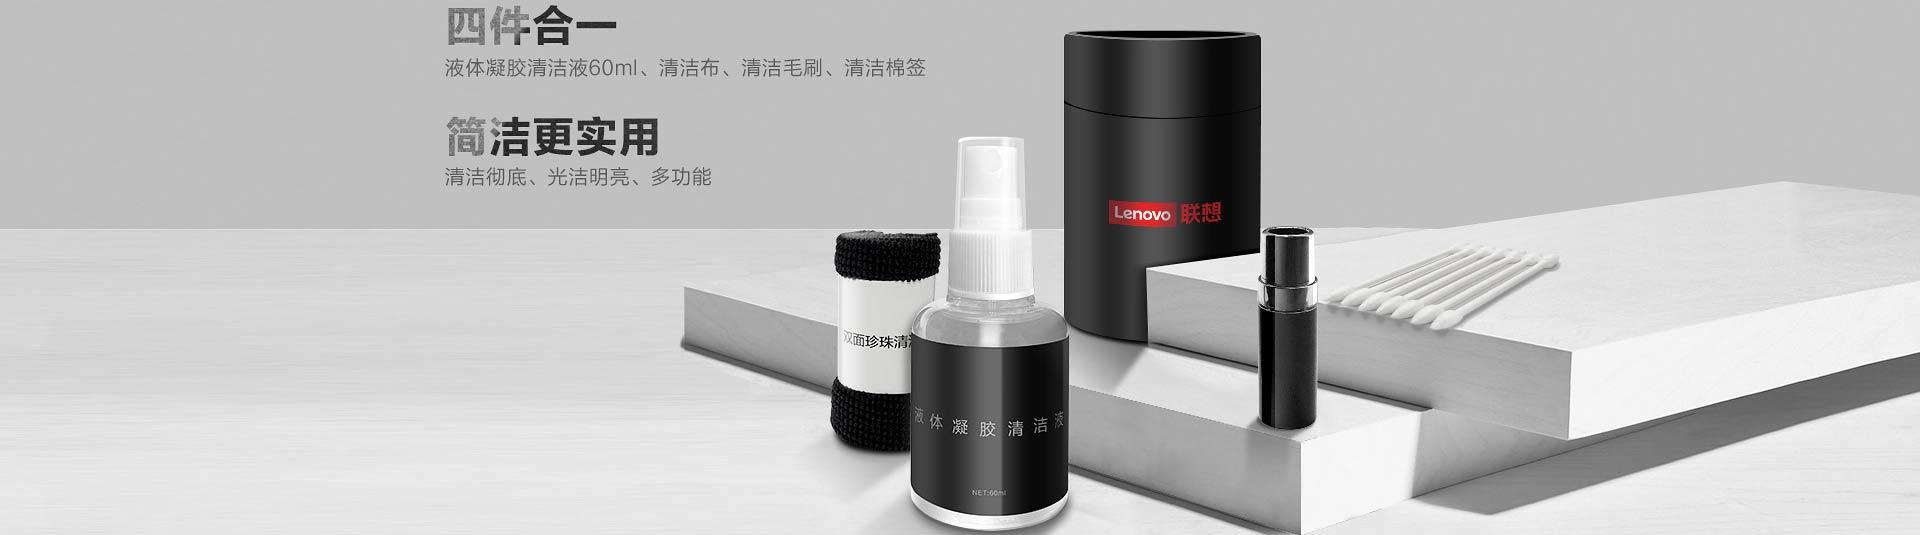 محتویات کیت تمیز کننده Lenovo C01